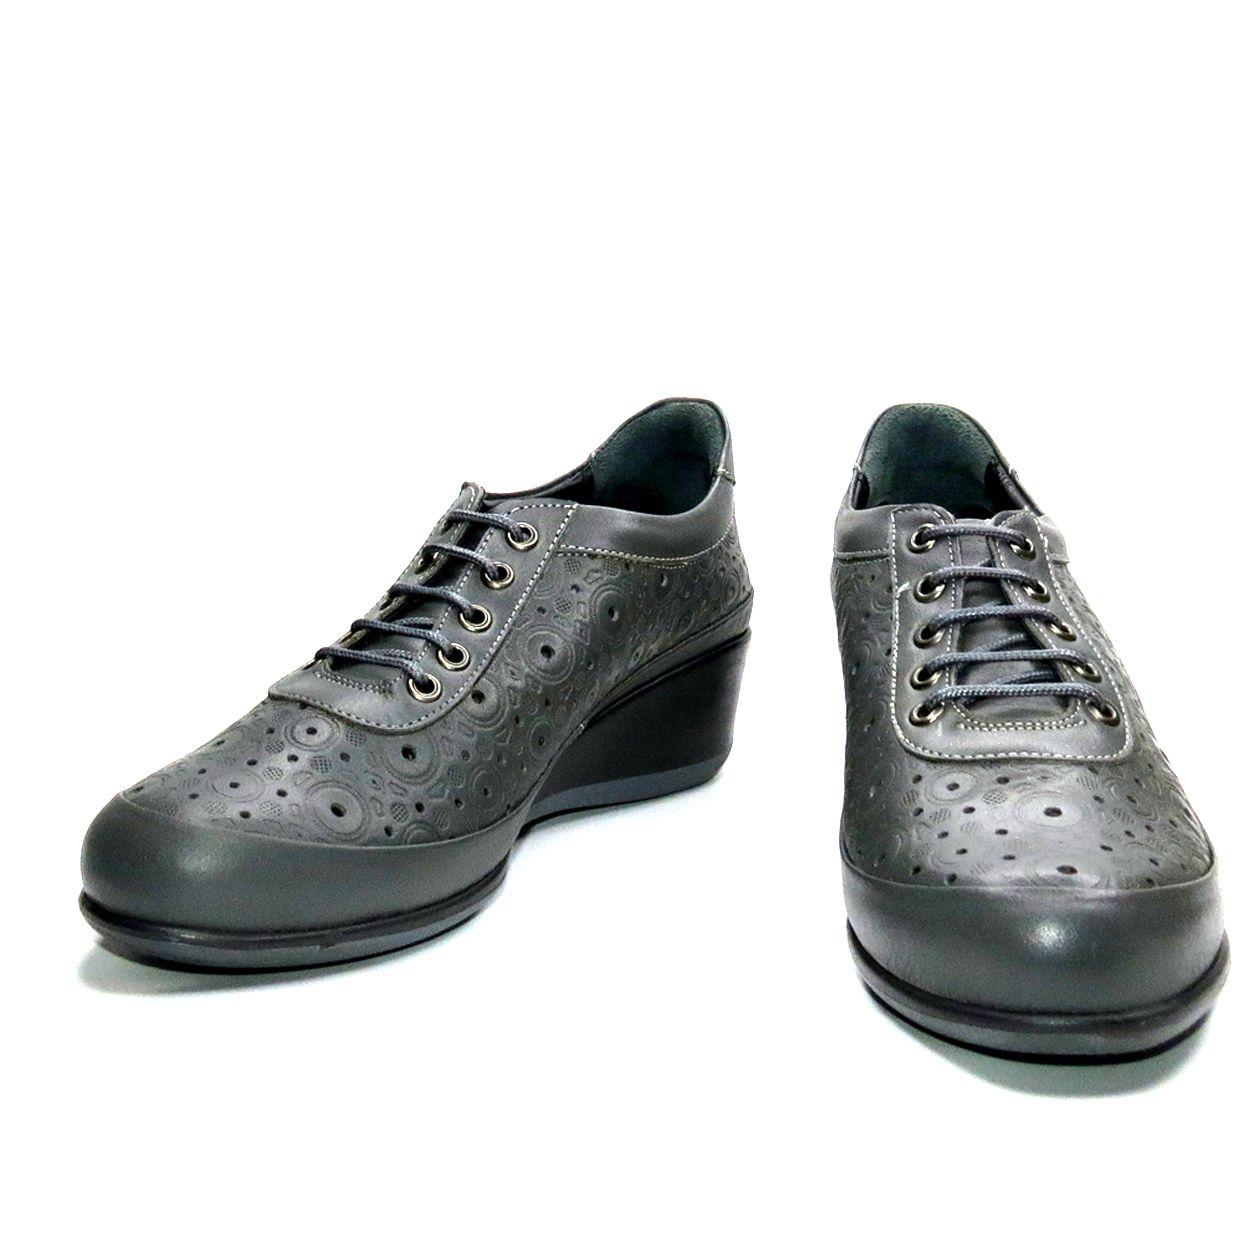 کفش روزمره زنانه آر اند دبلیو مدل 538 رنگ طوسی -  - 6